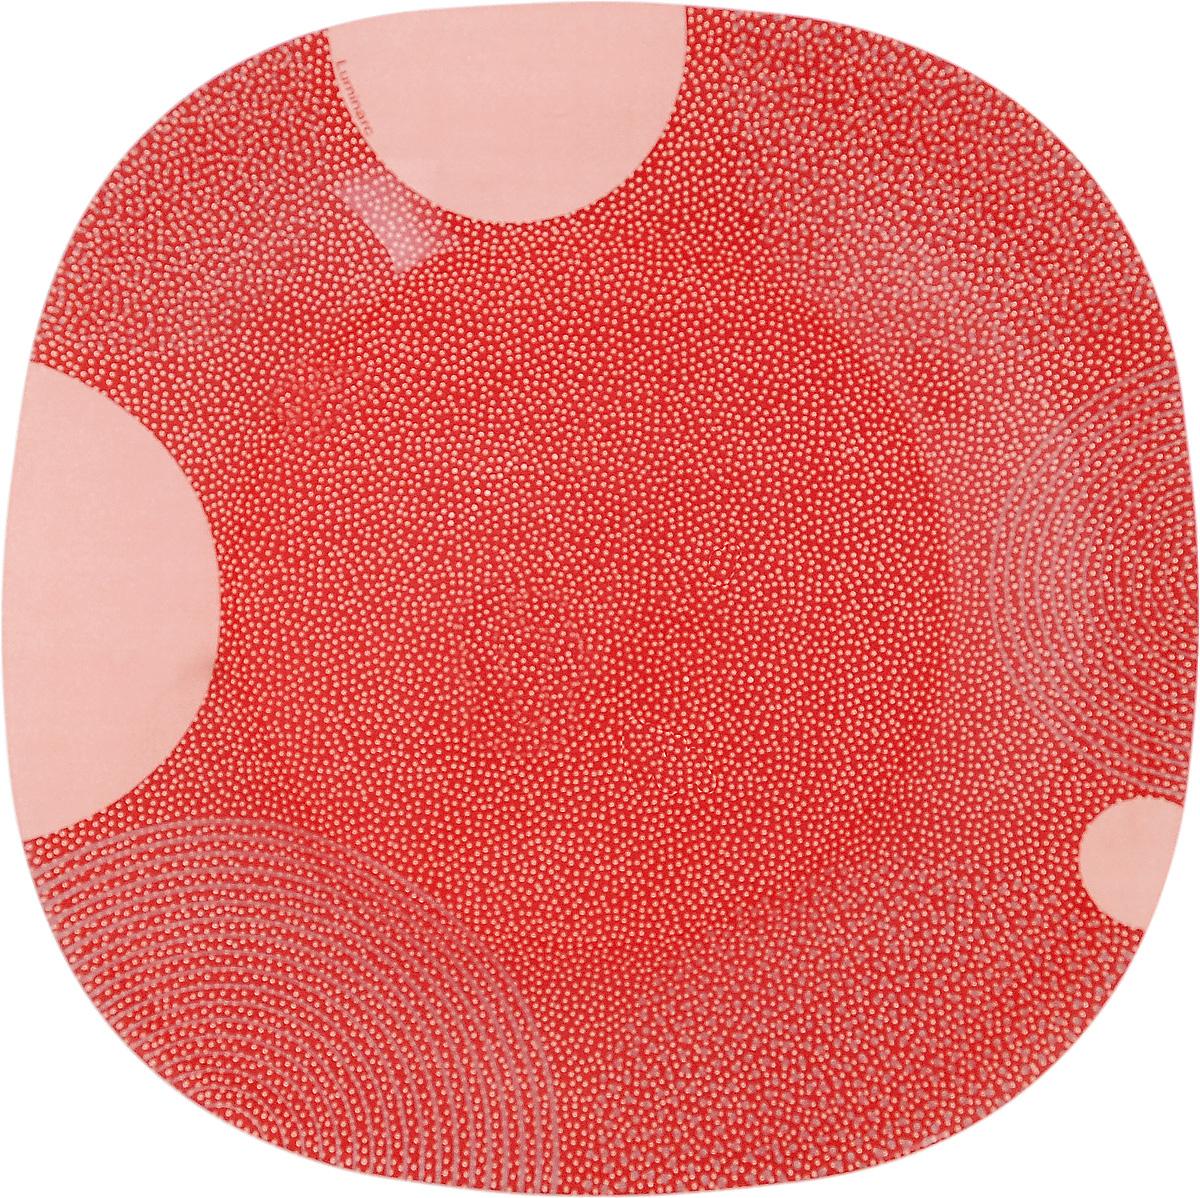 Тарелка десертная Luminarc Constellation Red, 18 х 18 смG7799Десертная тарелка Luminarc Constellation Red, изготовленная из ударопрочного стекла, имеет изысканный внешний вид. Такая тарелка прекрасно подходит как для торжественных случаев, так и для повседневного использования. Идеальна для подачи десертов, пирожных, тортов и многого другого. Она прекрасно оформит стол и станет отличным дополнением к вашей коллекции кухонной посуды. Размер тарелки (по верхнему краю): 18 х 18 см.